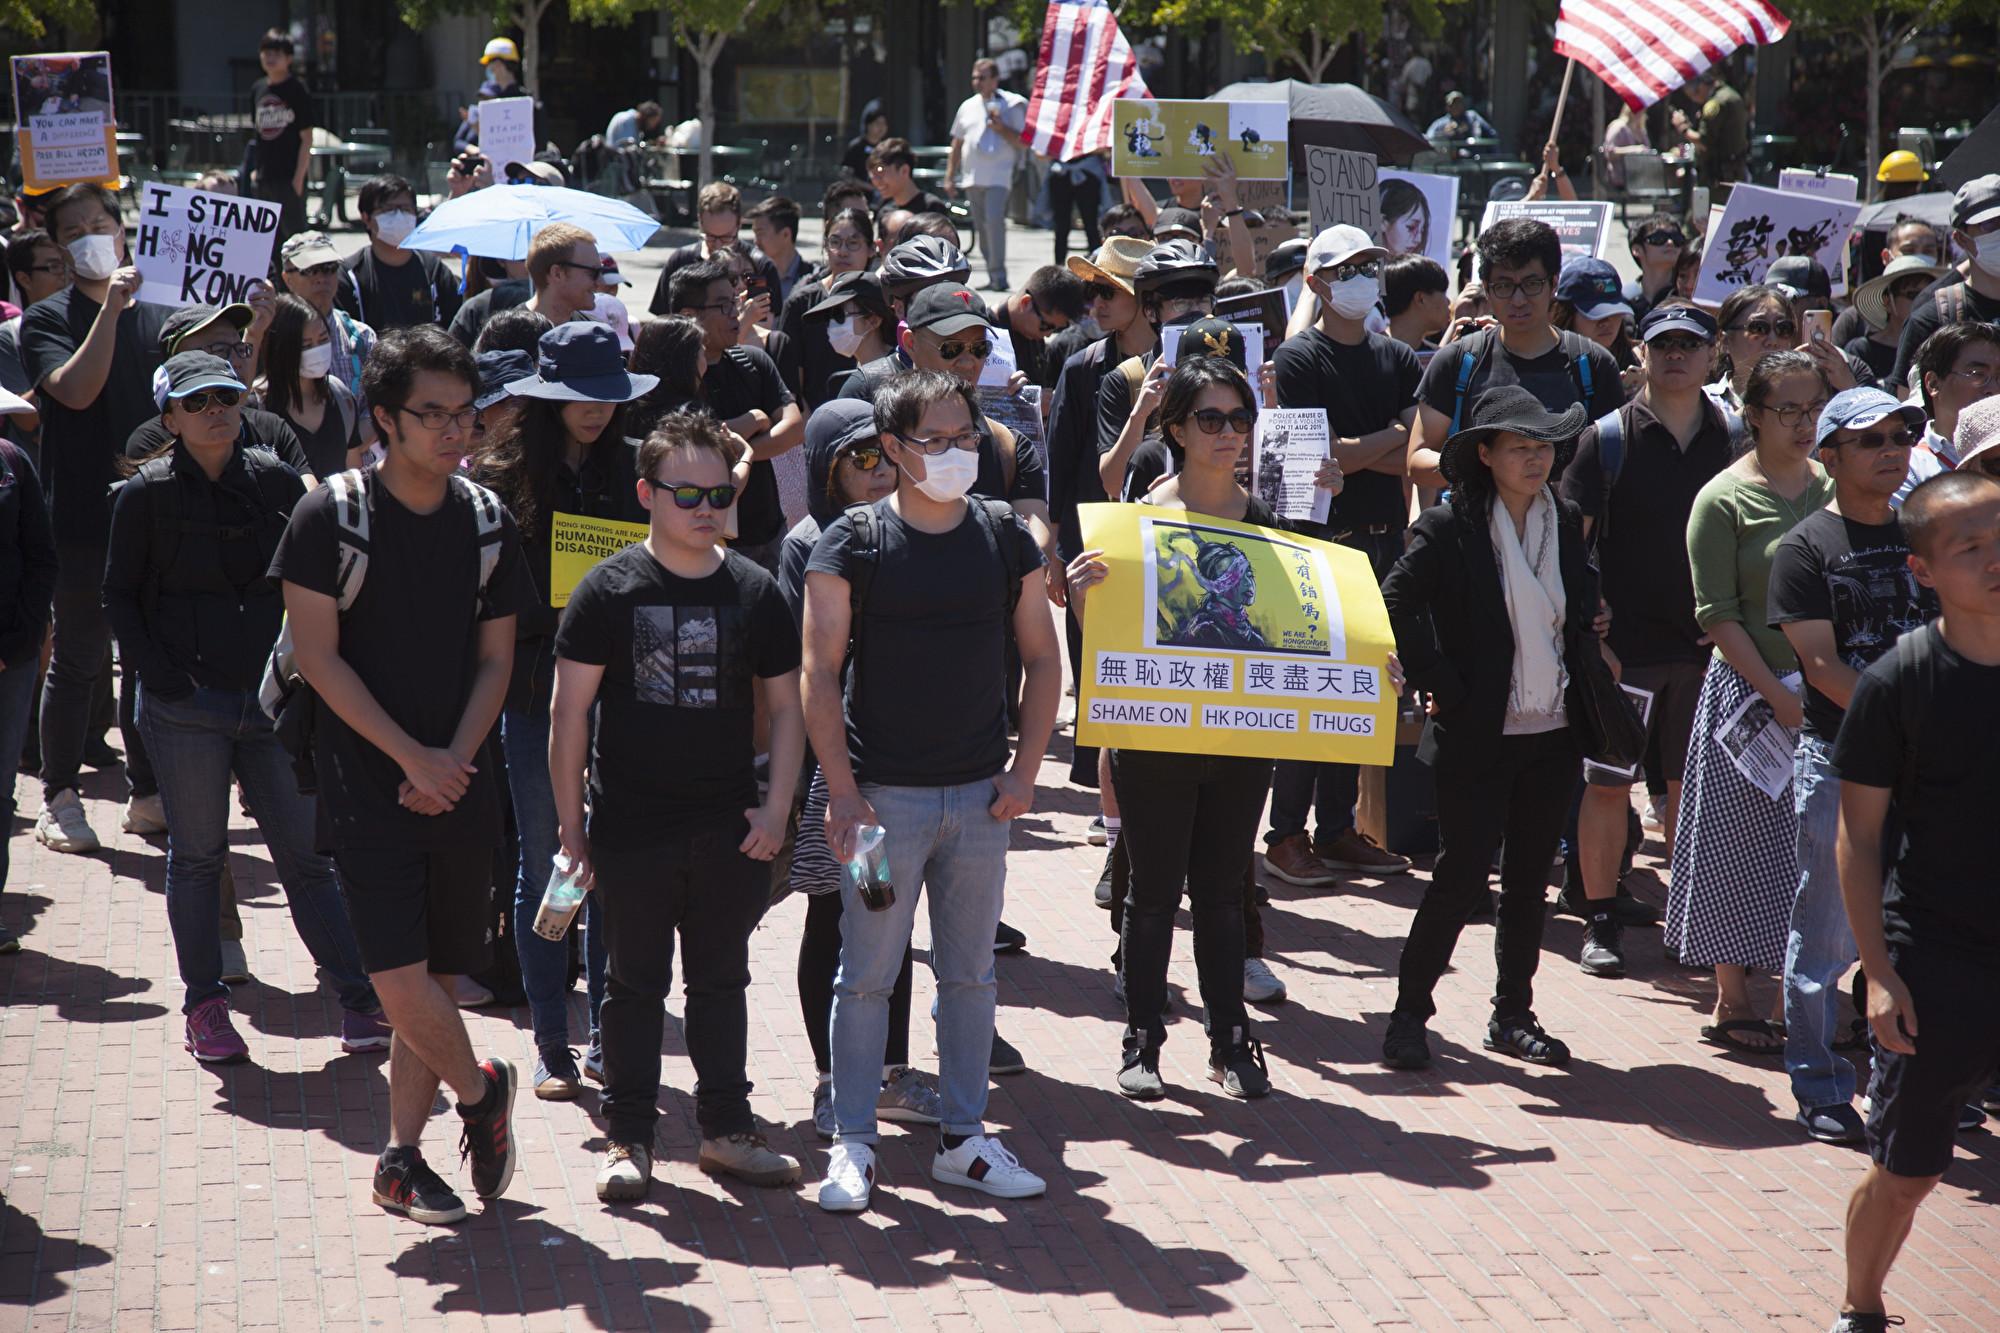 舊金山集會譴責港警暴力 香港將持續抗爭